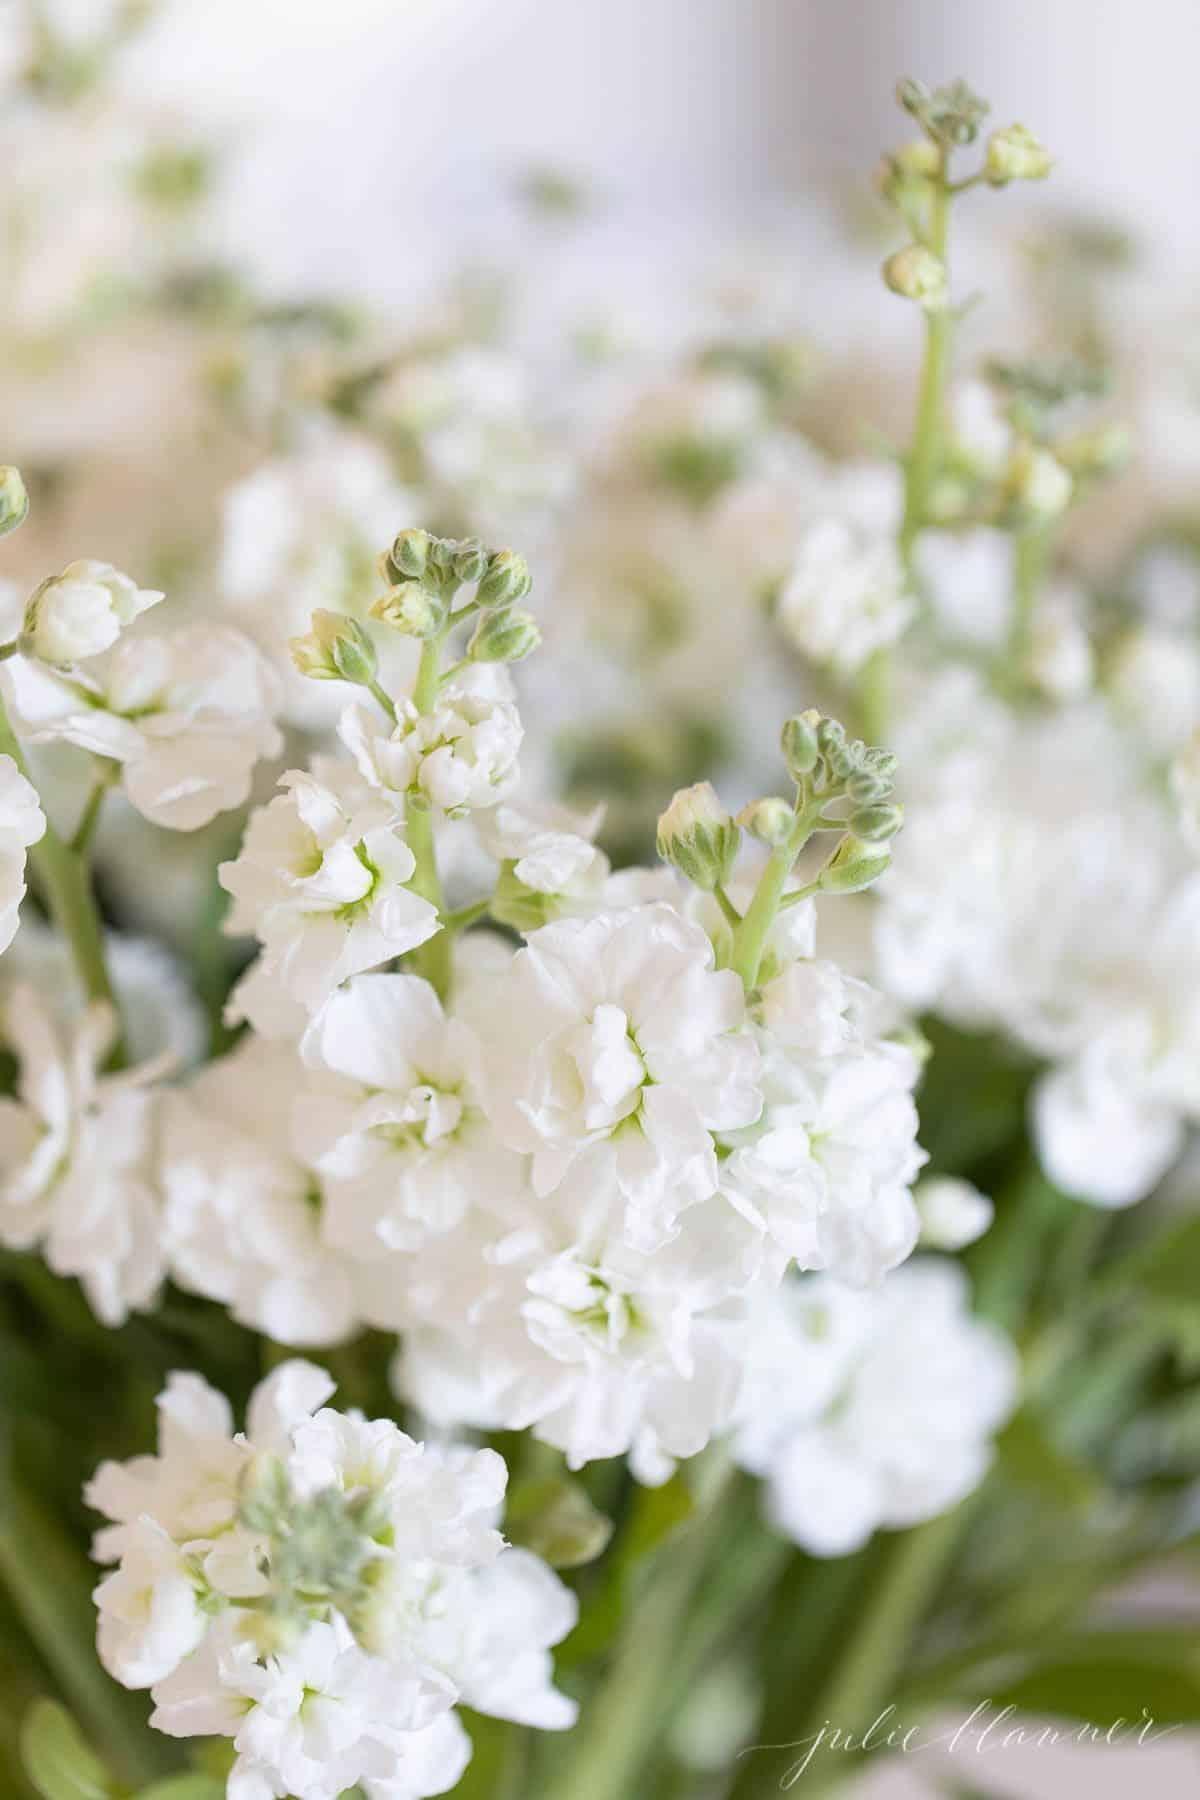 Feche de flores brancas.